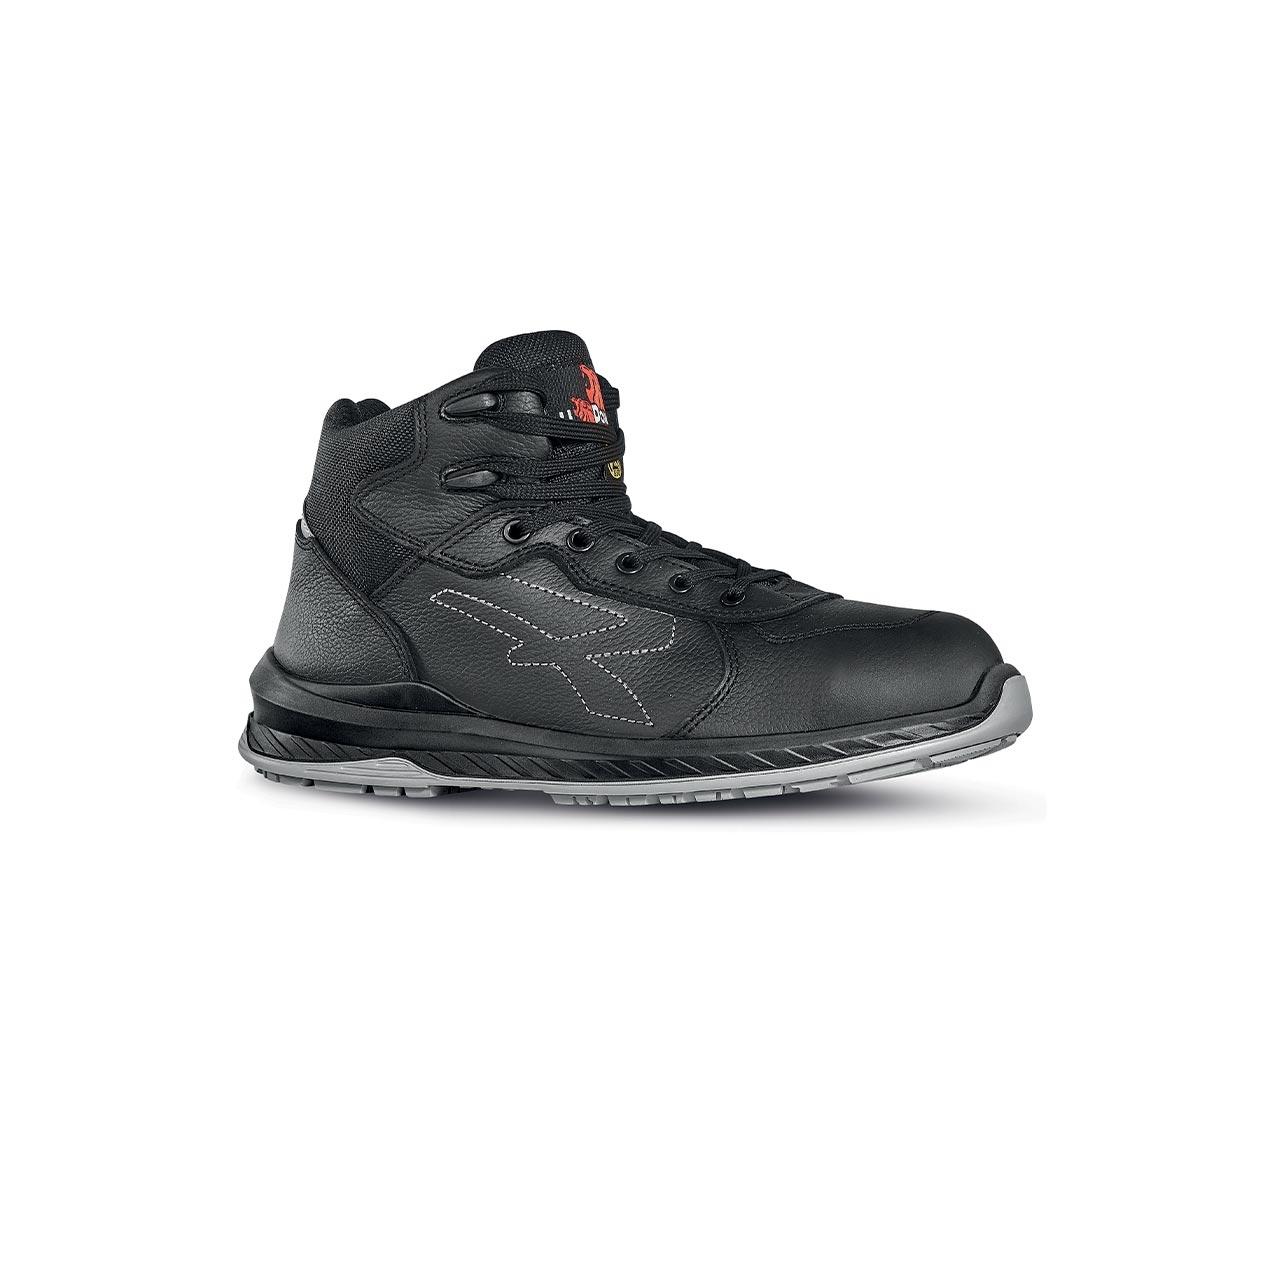 calzatura da lavoro alta upower modello scuro linea redindustry vista lato destro